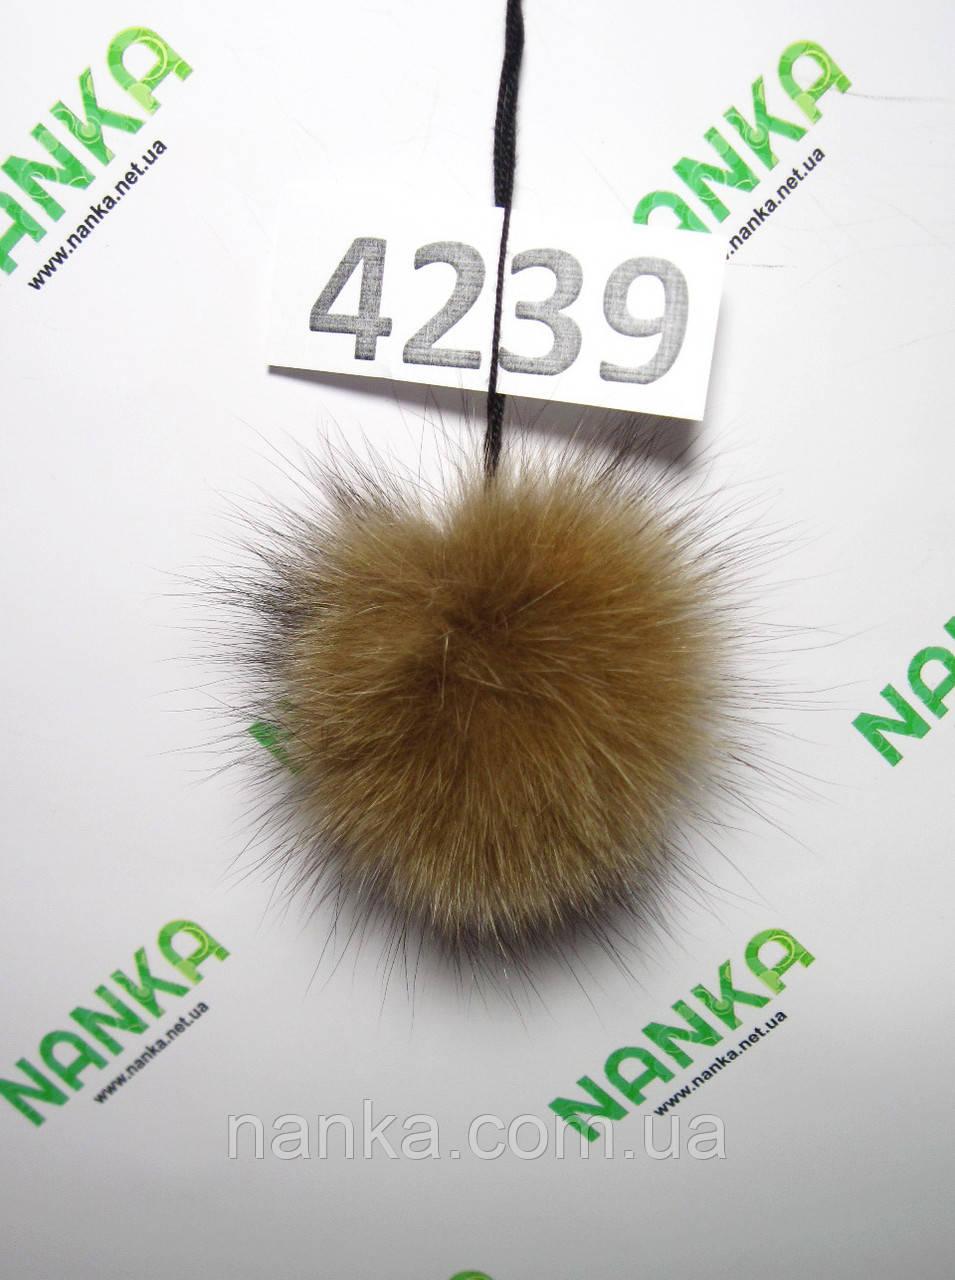 Меховой помпон Песец,Т. бежевый, 7 см, 4239